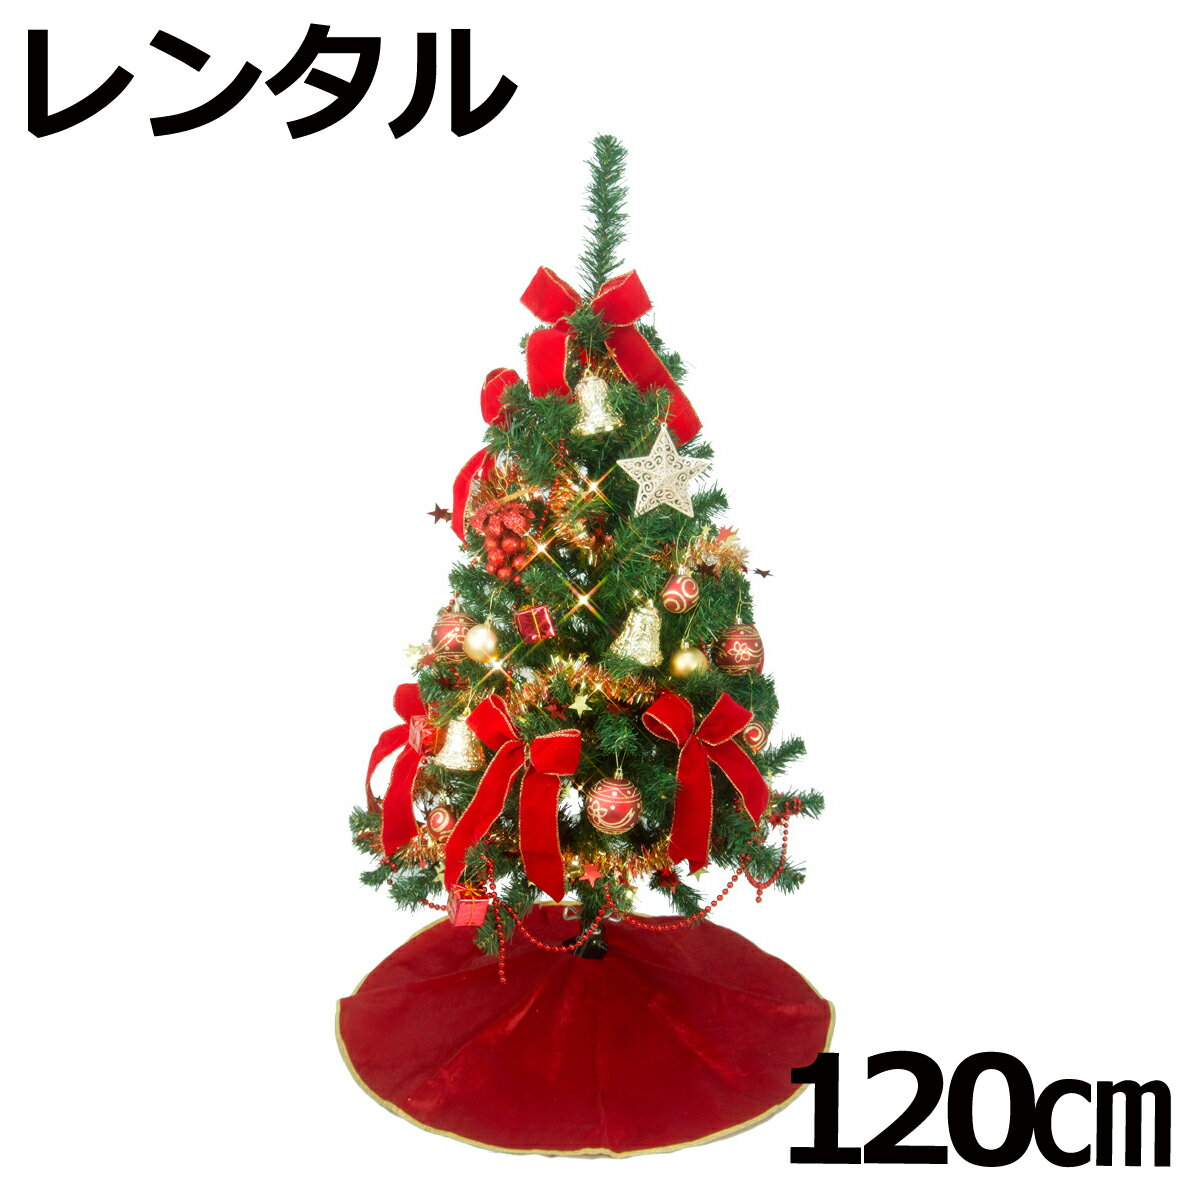 【レンタル】 クリスマスツリー セット 120cm 新レッド&ゴールド 【往復 送料無料】 クリスマスツリー レンタル fy16REN07